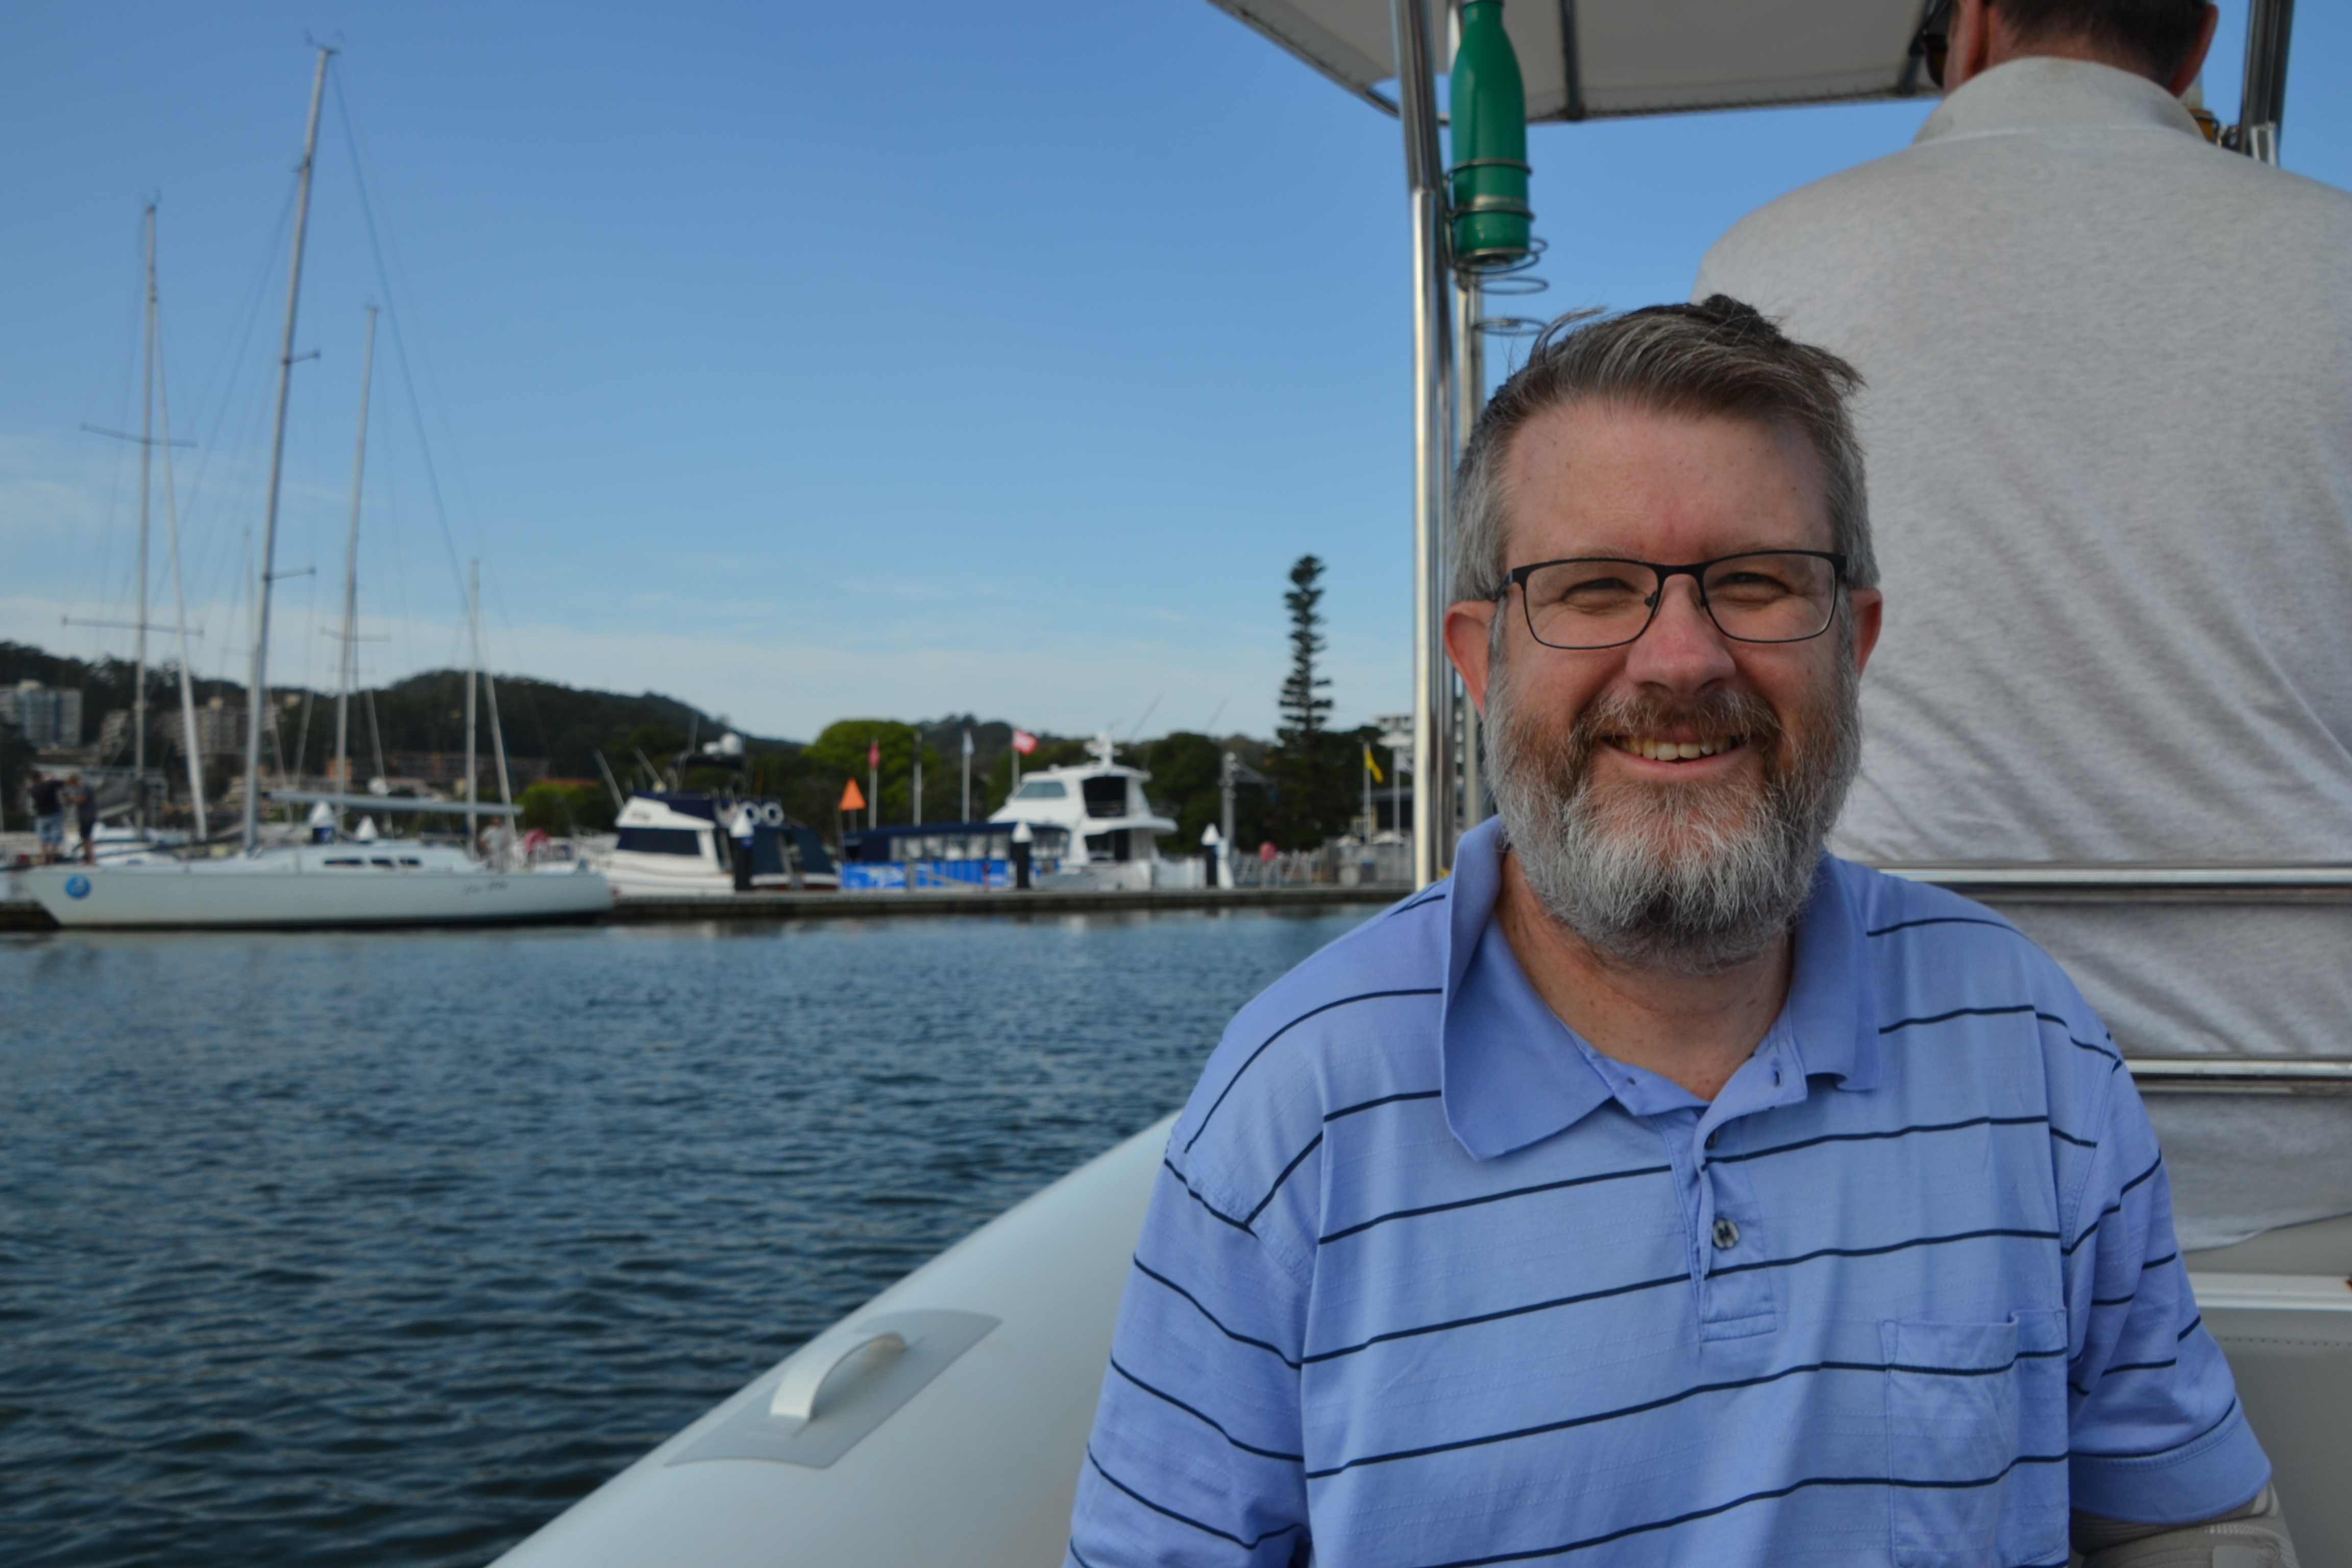 Geoff sailing